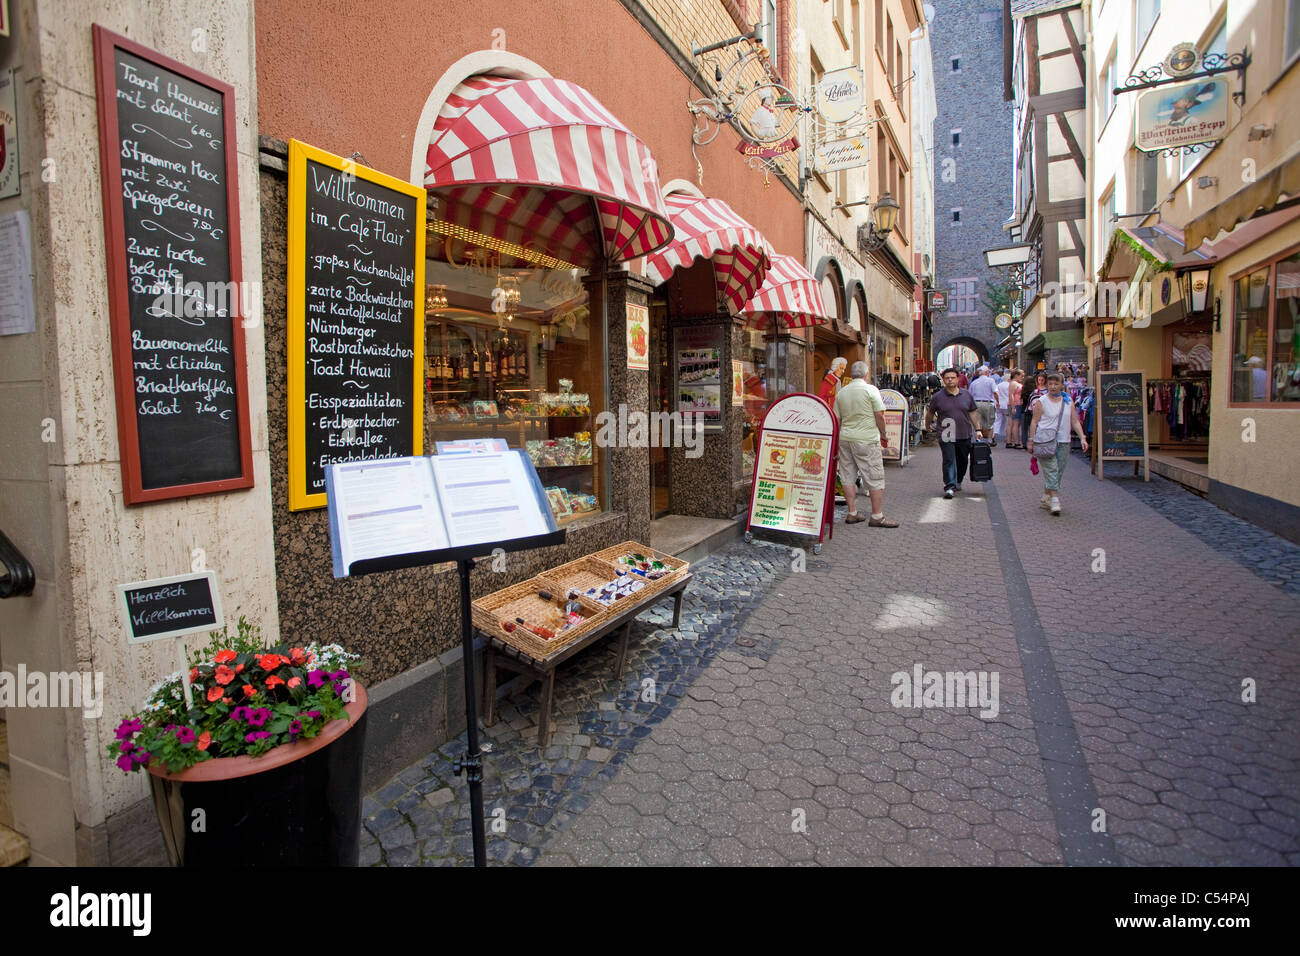 Geschaefte in Einer Gasse Im Historischen Stadtkern, Cochem, kleine Gasse mit Geschäften in der alten Stadt, Stockbild